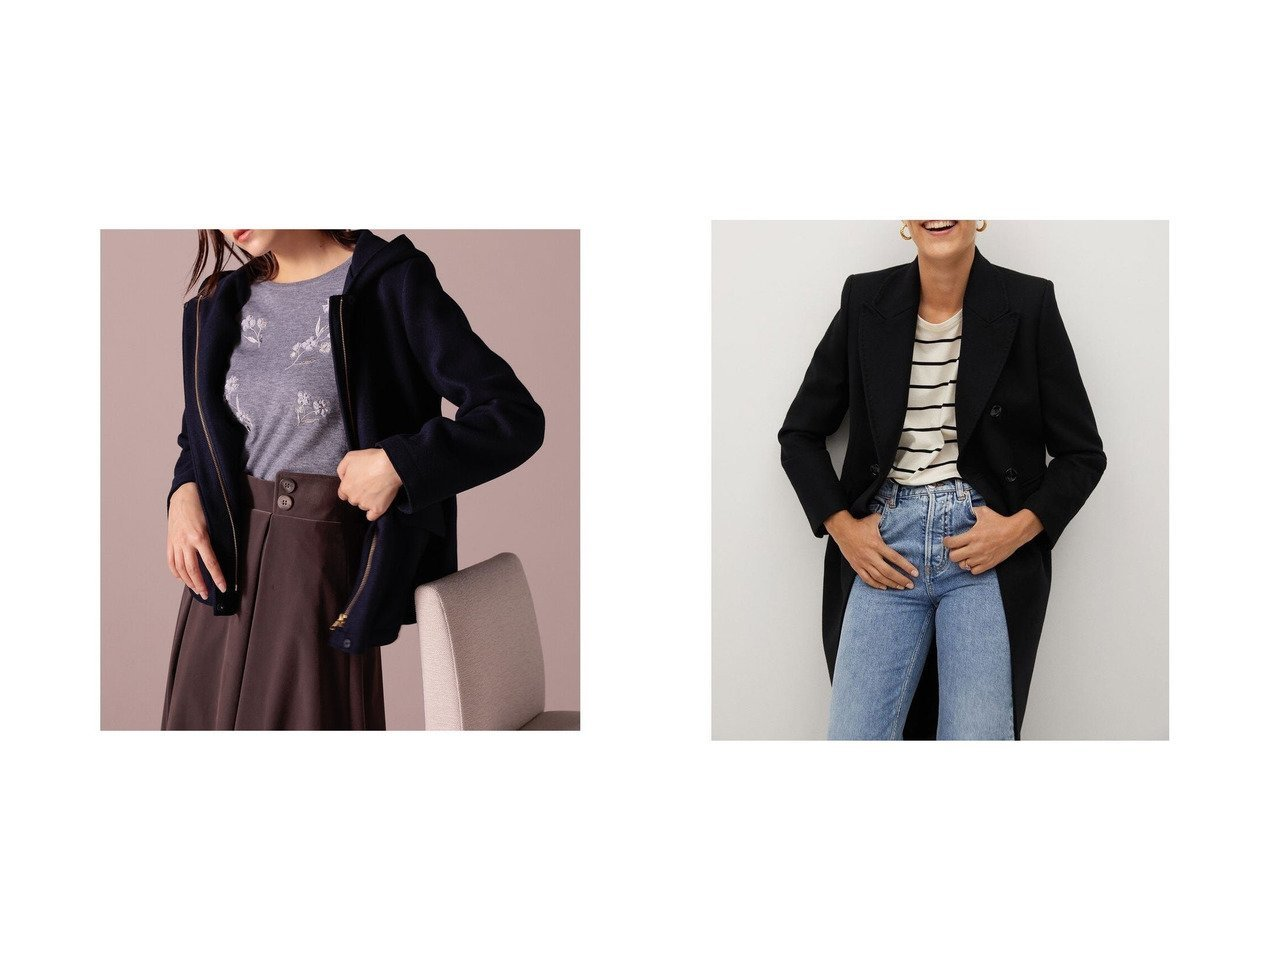 【MANGO/マンゴ】のコート .-- STRAUSS&【Ketty/ケティ】のフードショートジャケット アウターのおすすめ!人気、レディースファッションの通販  おすすめで人気のファッション通販商品 インテリア・家具・キッズファッション・メンズファッション・レディースファッション・服の通販 founy(ファニー) https://founy.com/ ファッション Fashion レディース WOMEN アウター Coat Outerwear ジャケット Jackets コート Coats アクリル インナー ガーリー ショート シンプル ジャージ フェミニン ミドル ロング |ID:crp329100000002345